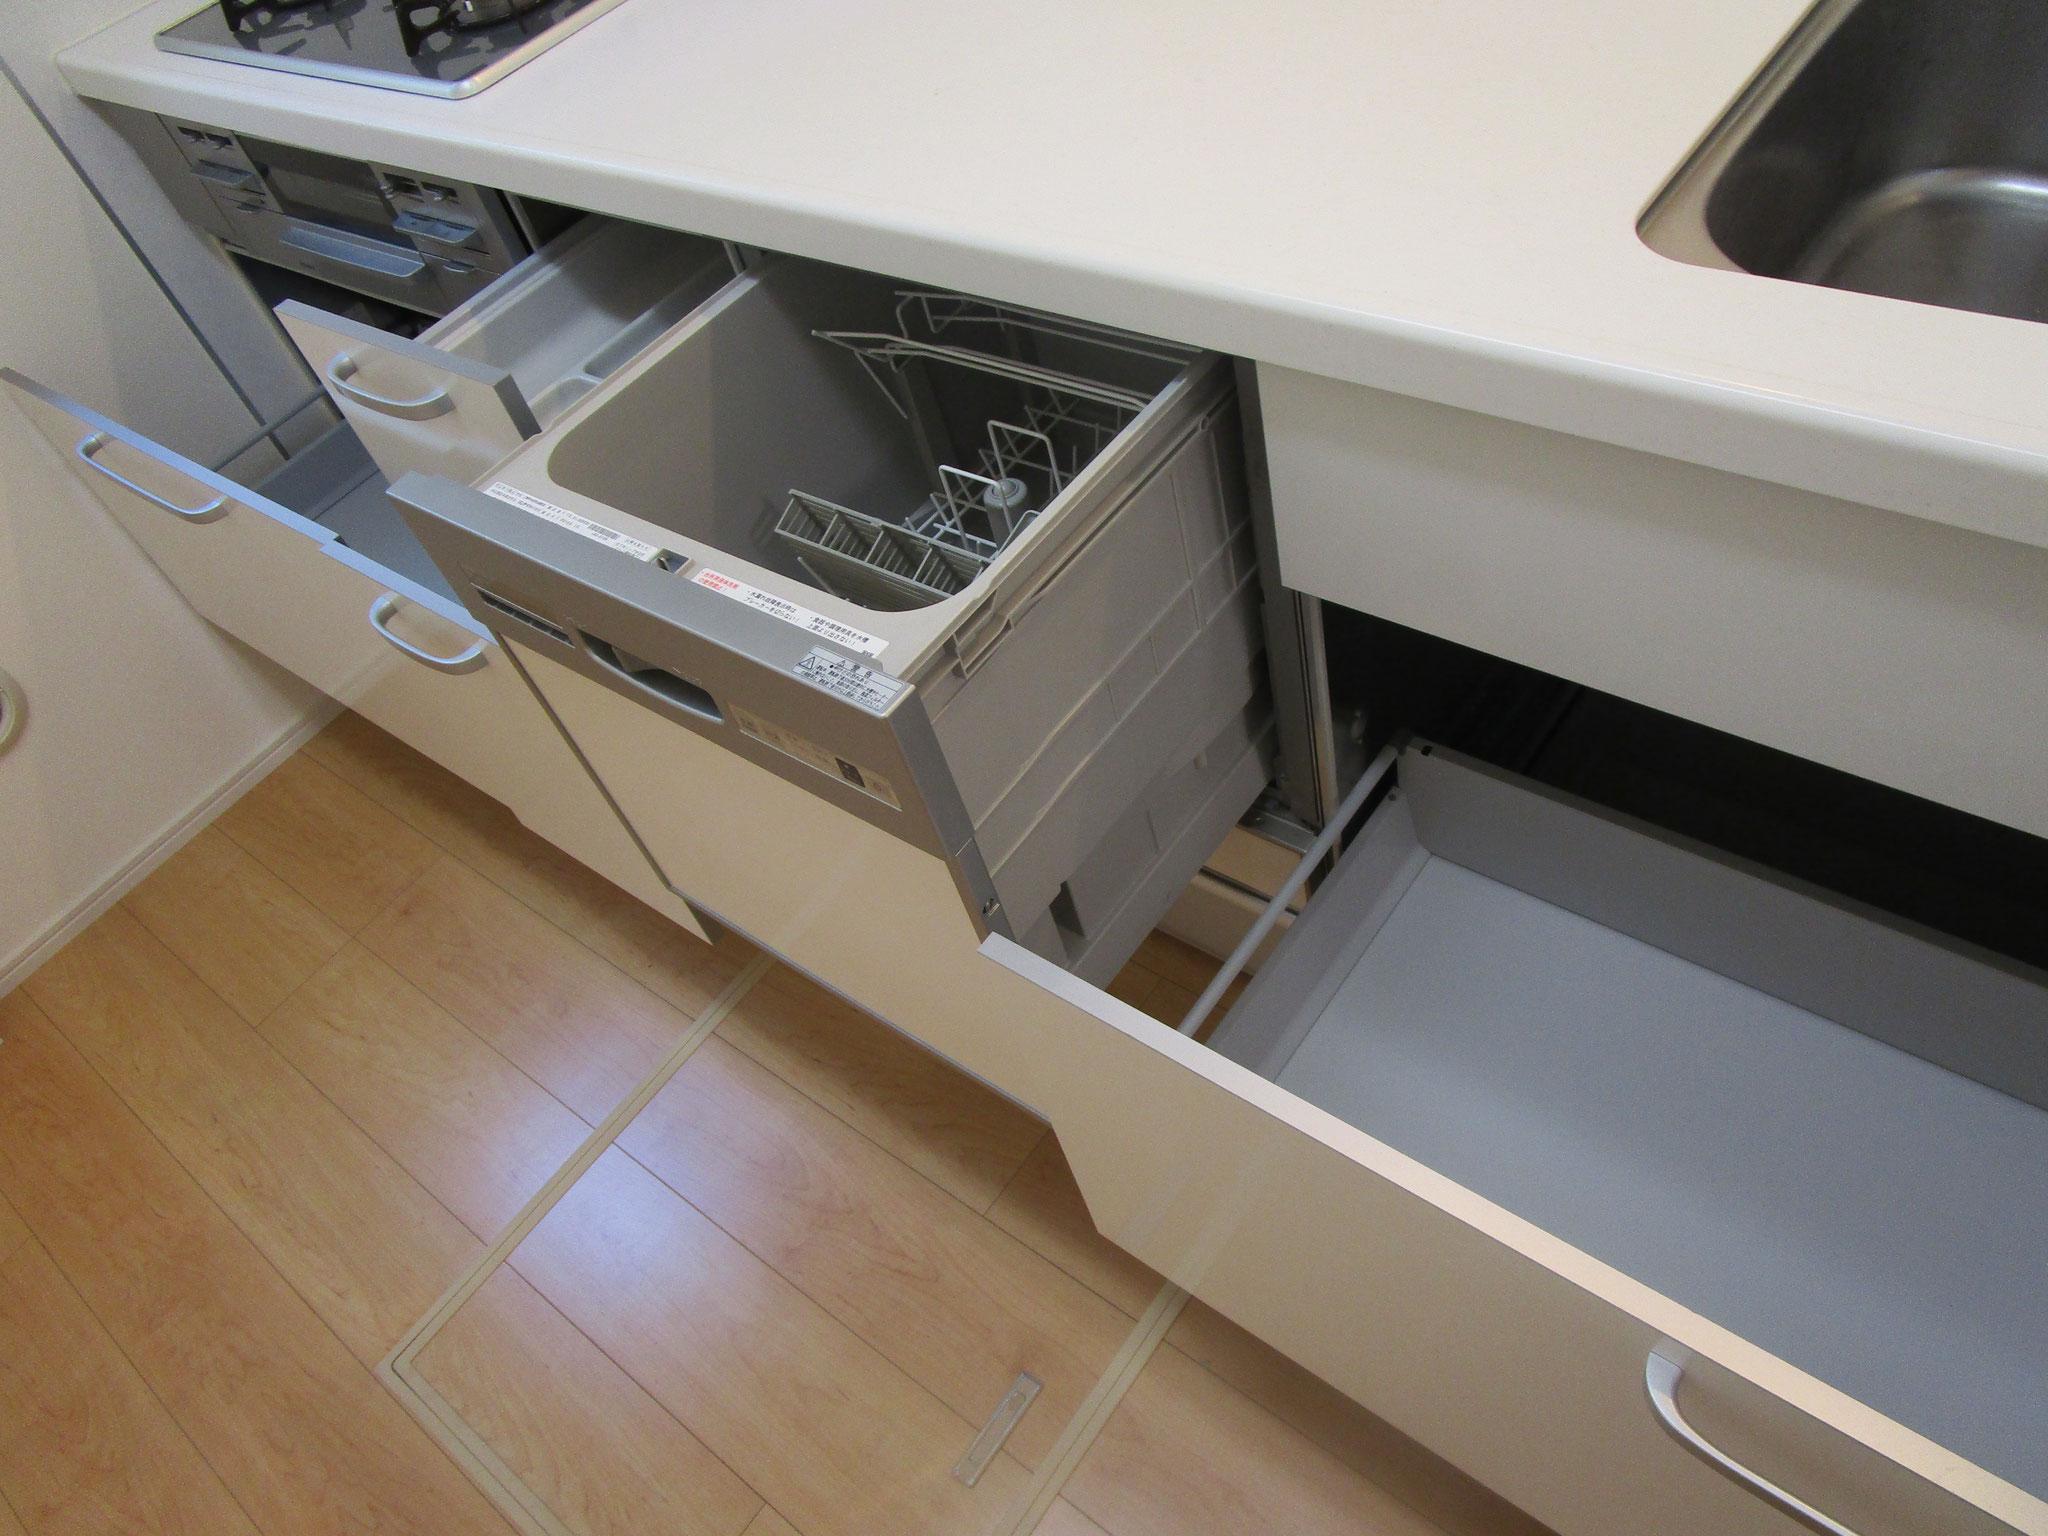 食器洗い乾燥機付きです